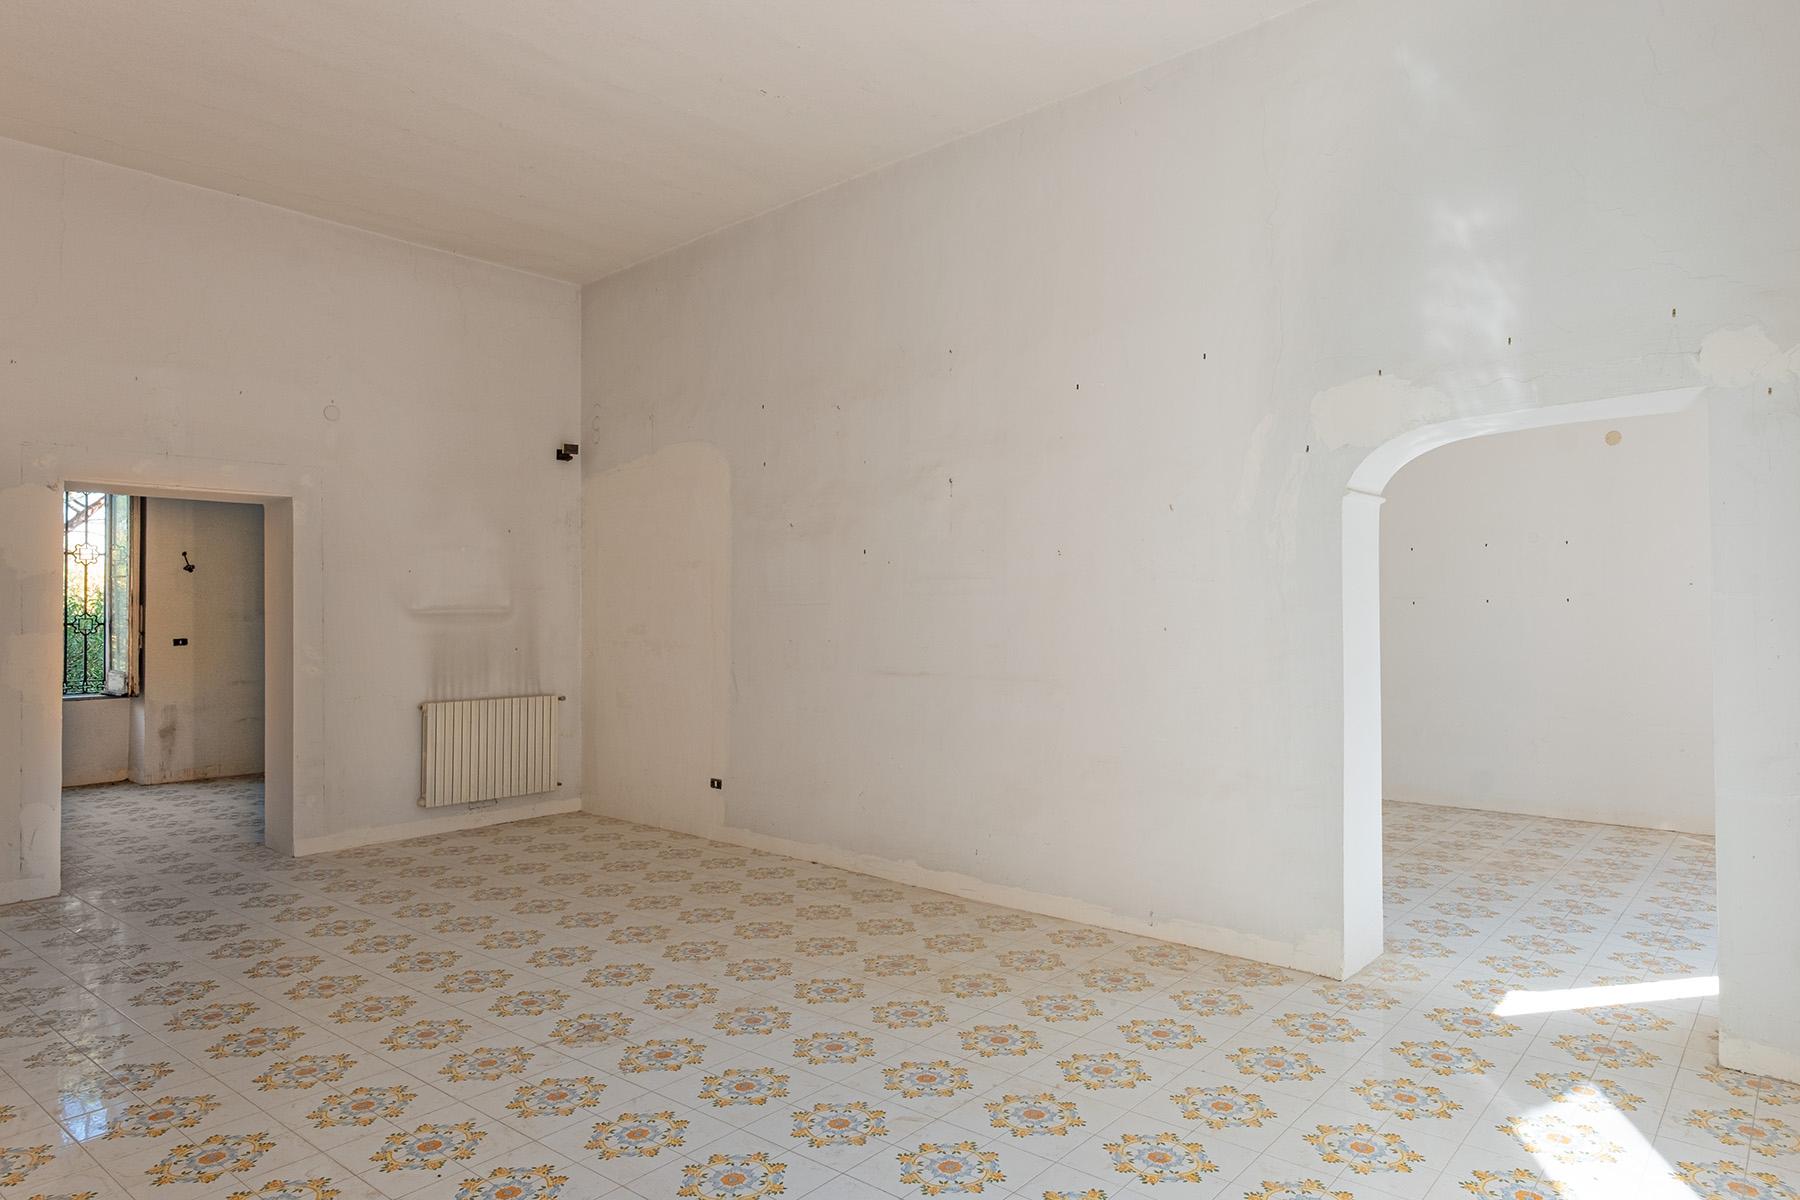 Casa indipendente in Vendita a Napoli: 5 locali, 300 mq - Foto 26